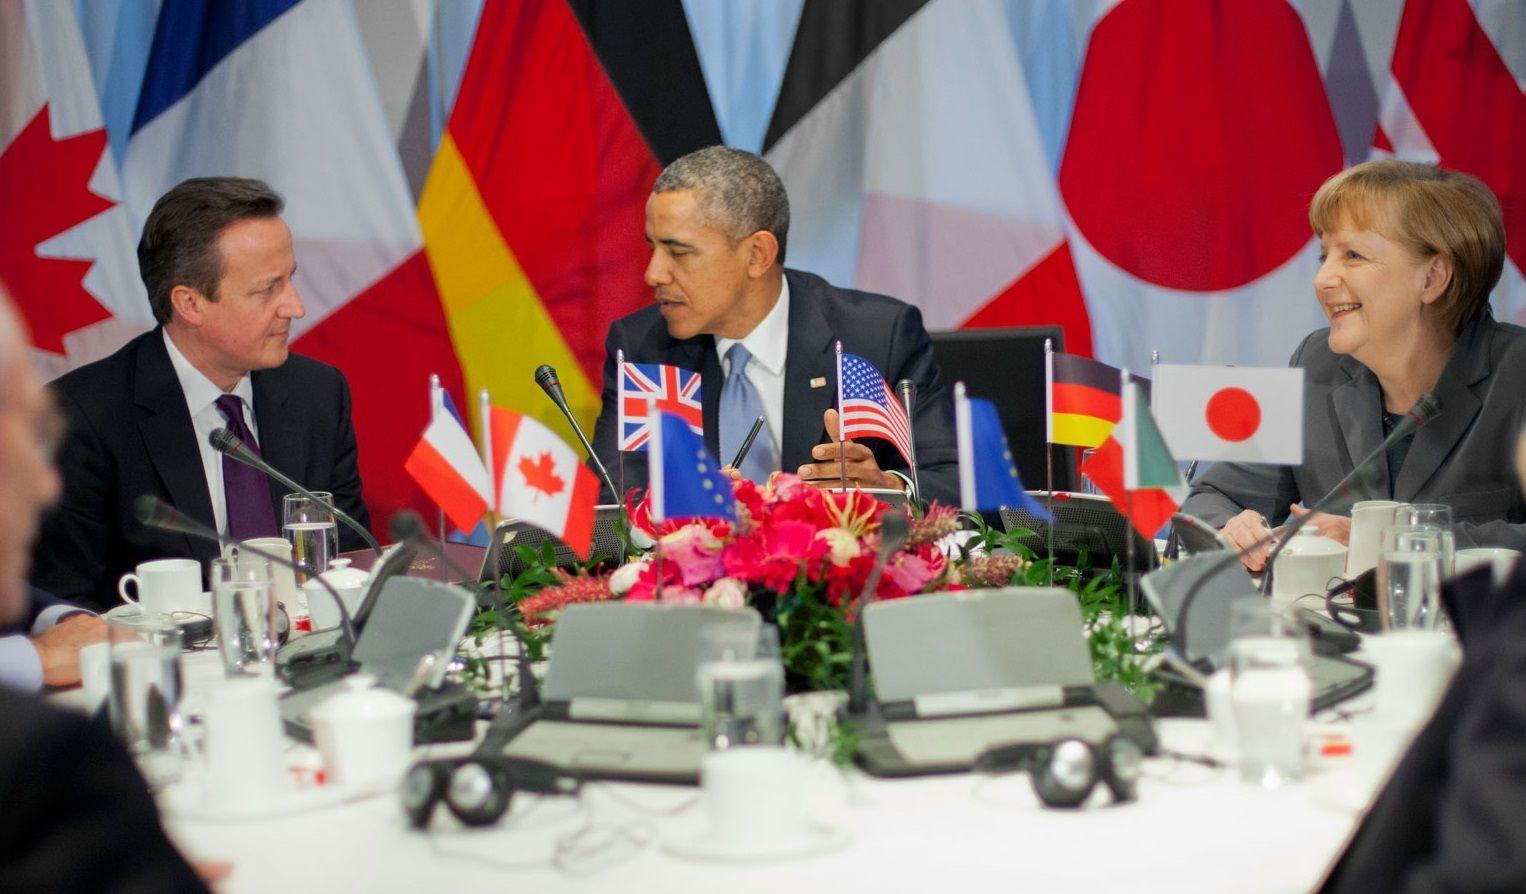 12421 - ¿Cuáles son las opiniones que tenemos de 'nuestros' líderes mundiales?: Marco Internacional